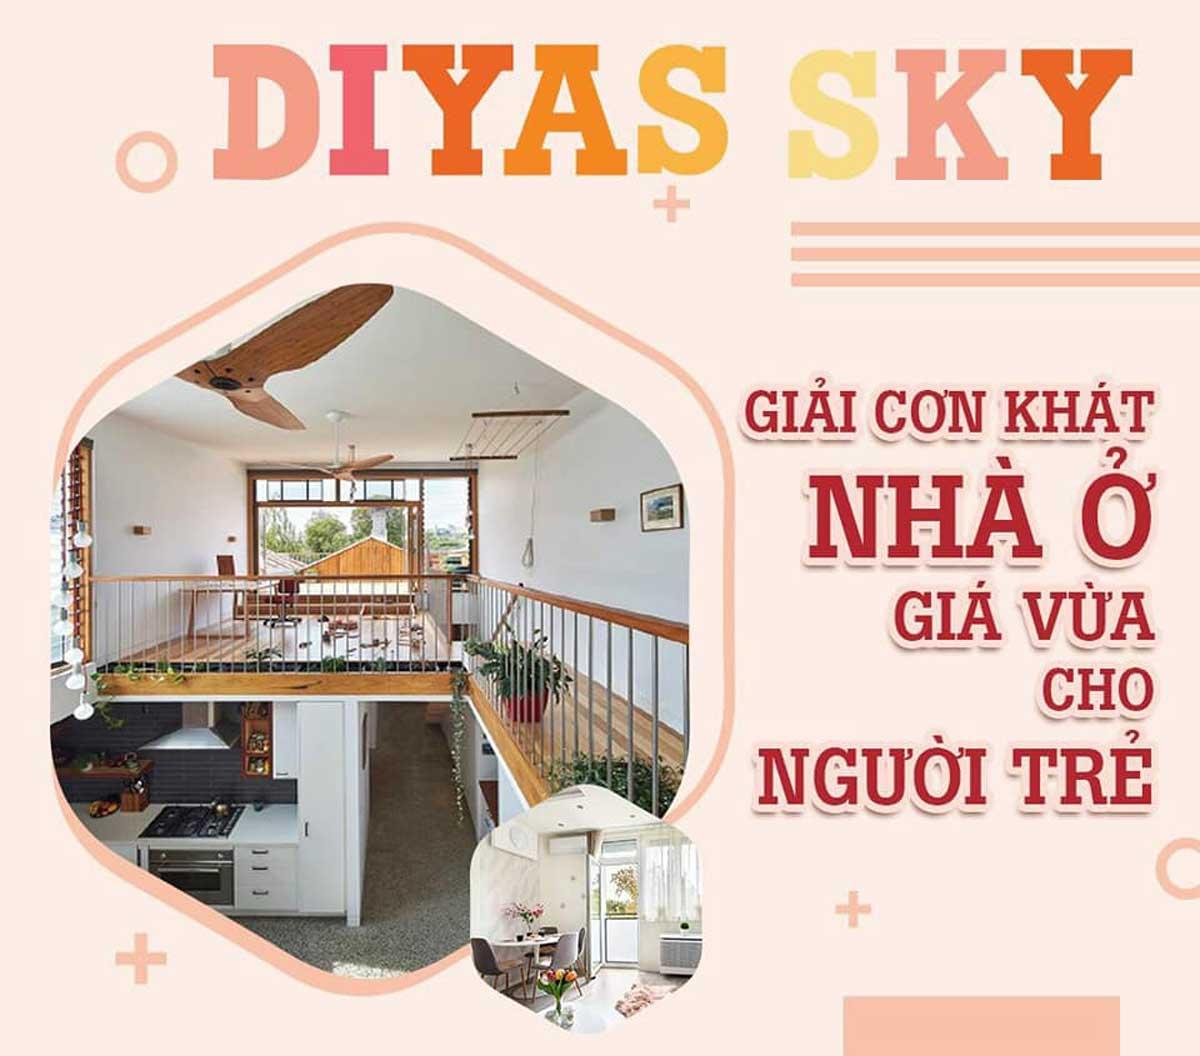 Ly do nen mua Can ho Diyas Sky - Diyas Sky